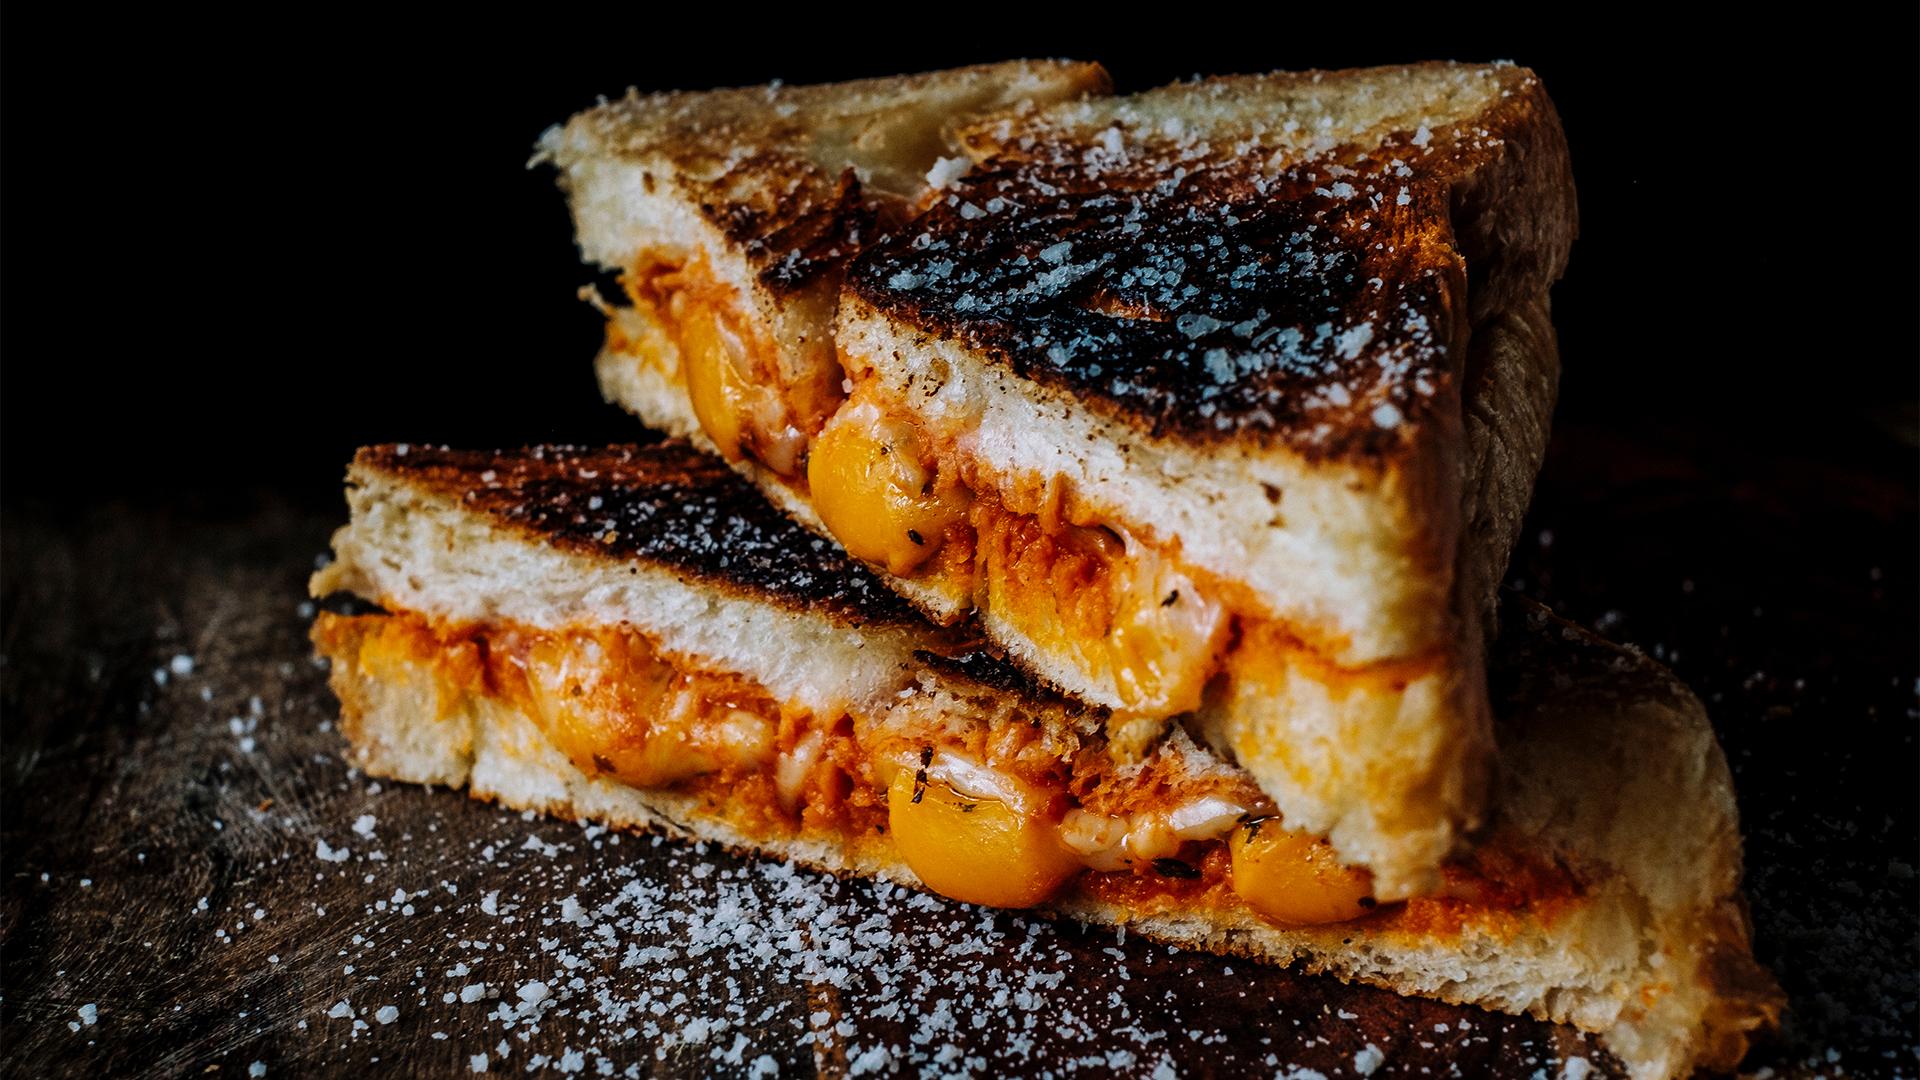 Több tízezer forintot is elkérnek egyetlen sajtos szendvicsért